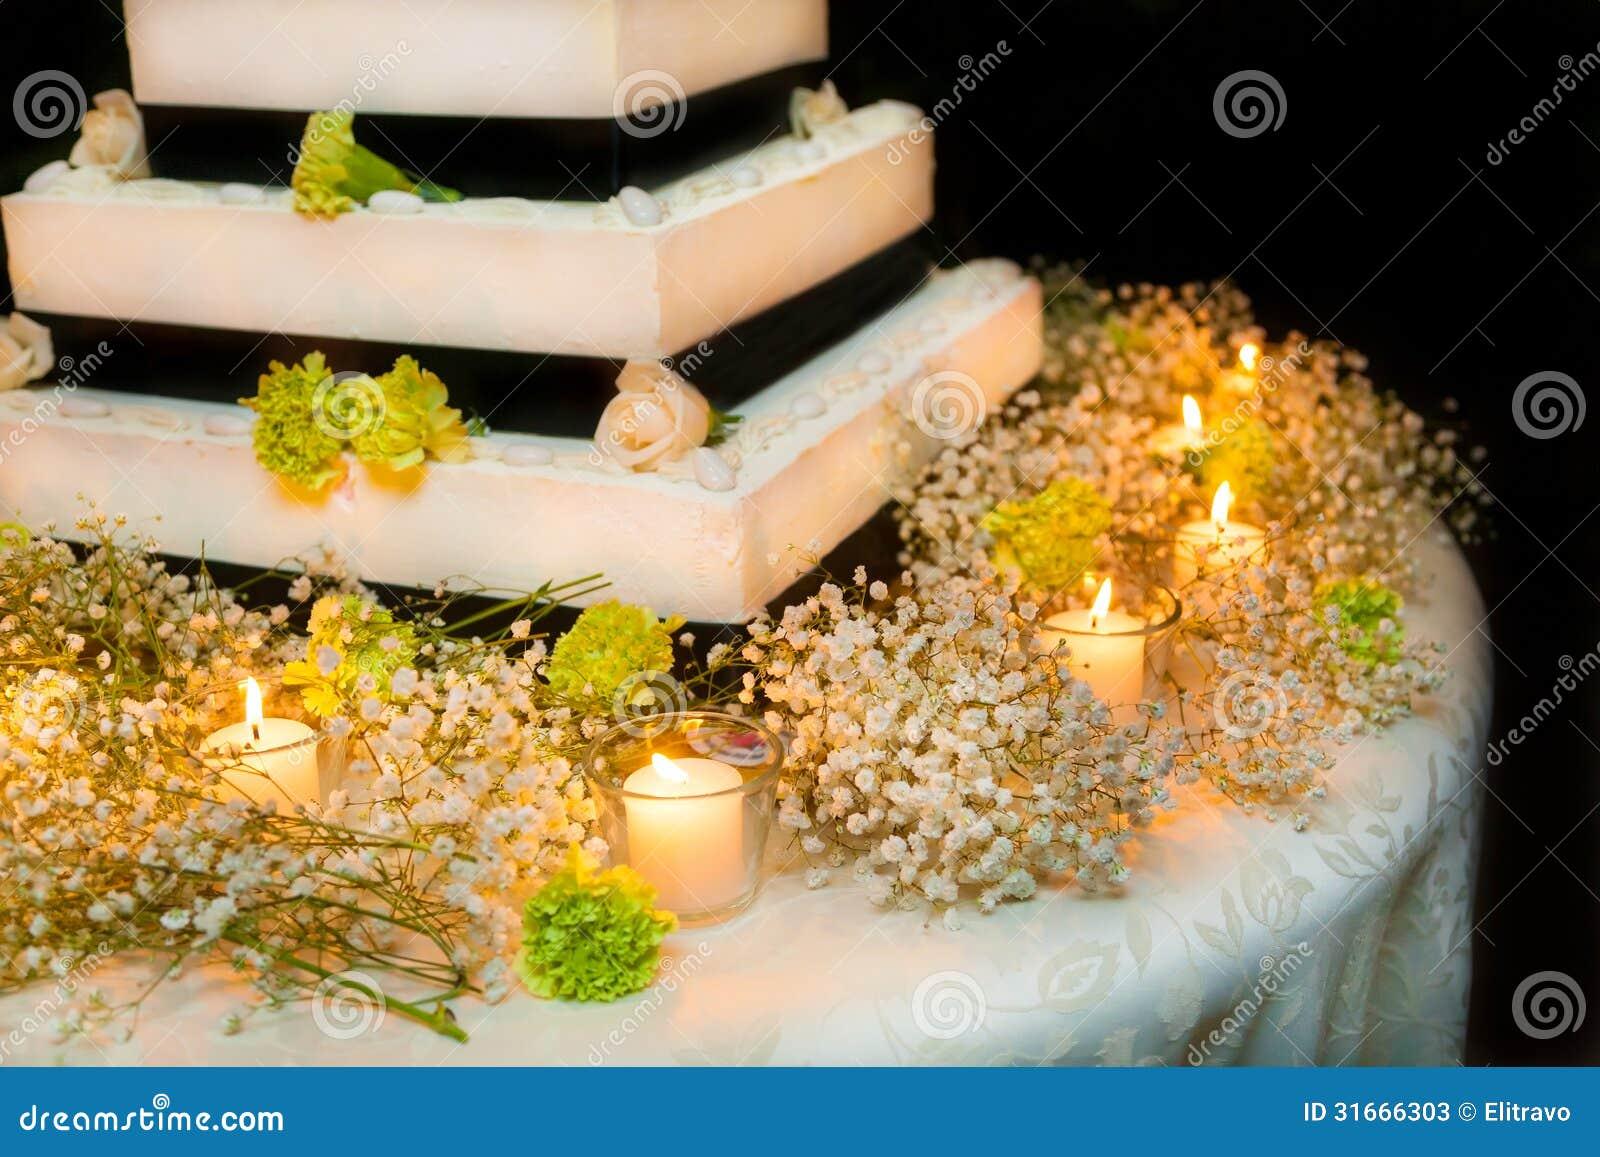 Wedding cake with roses stock image. Image of creativity - 31666303